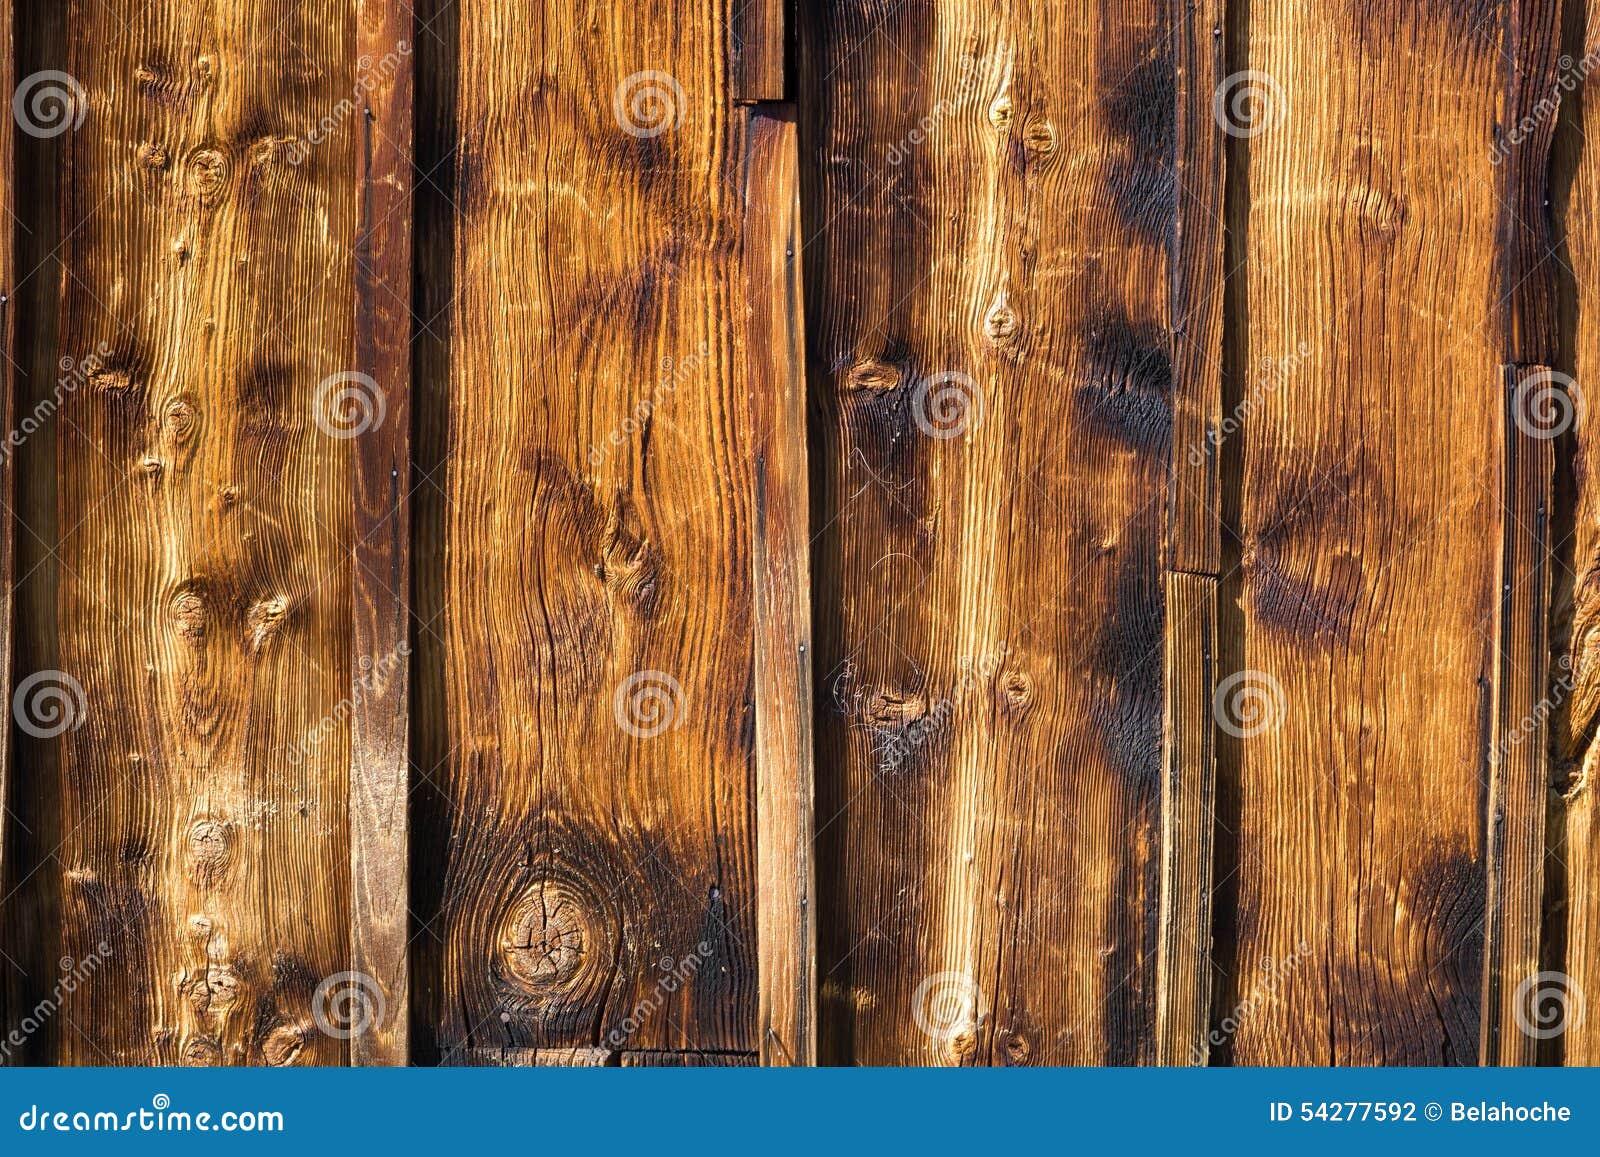 Pared r stica de madera exterior cubierta con el - Revestir pared con madera ...